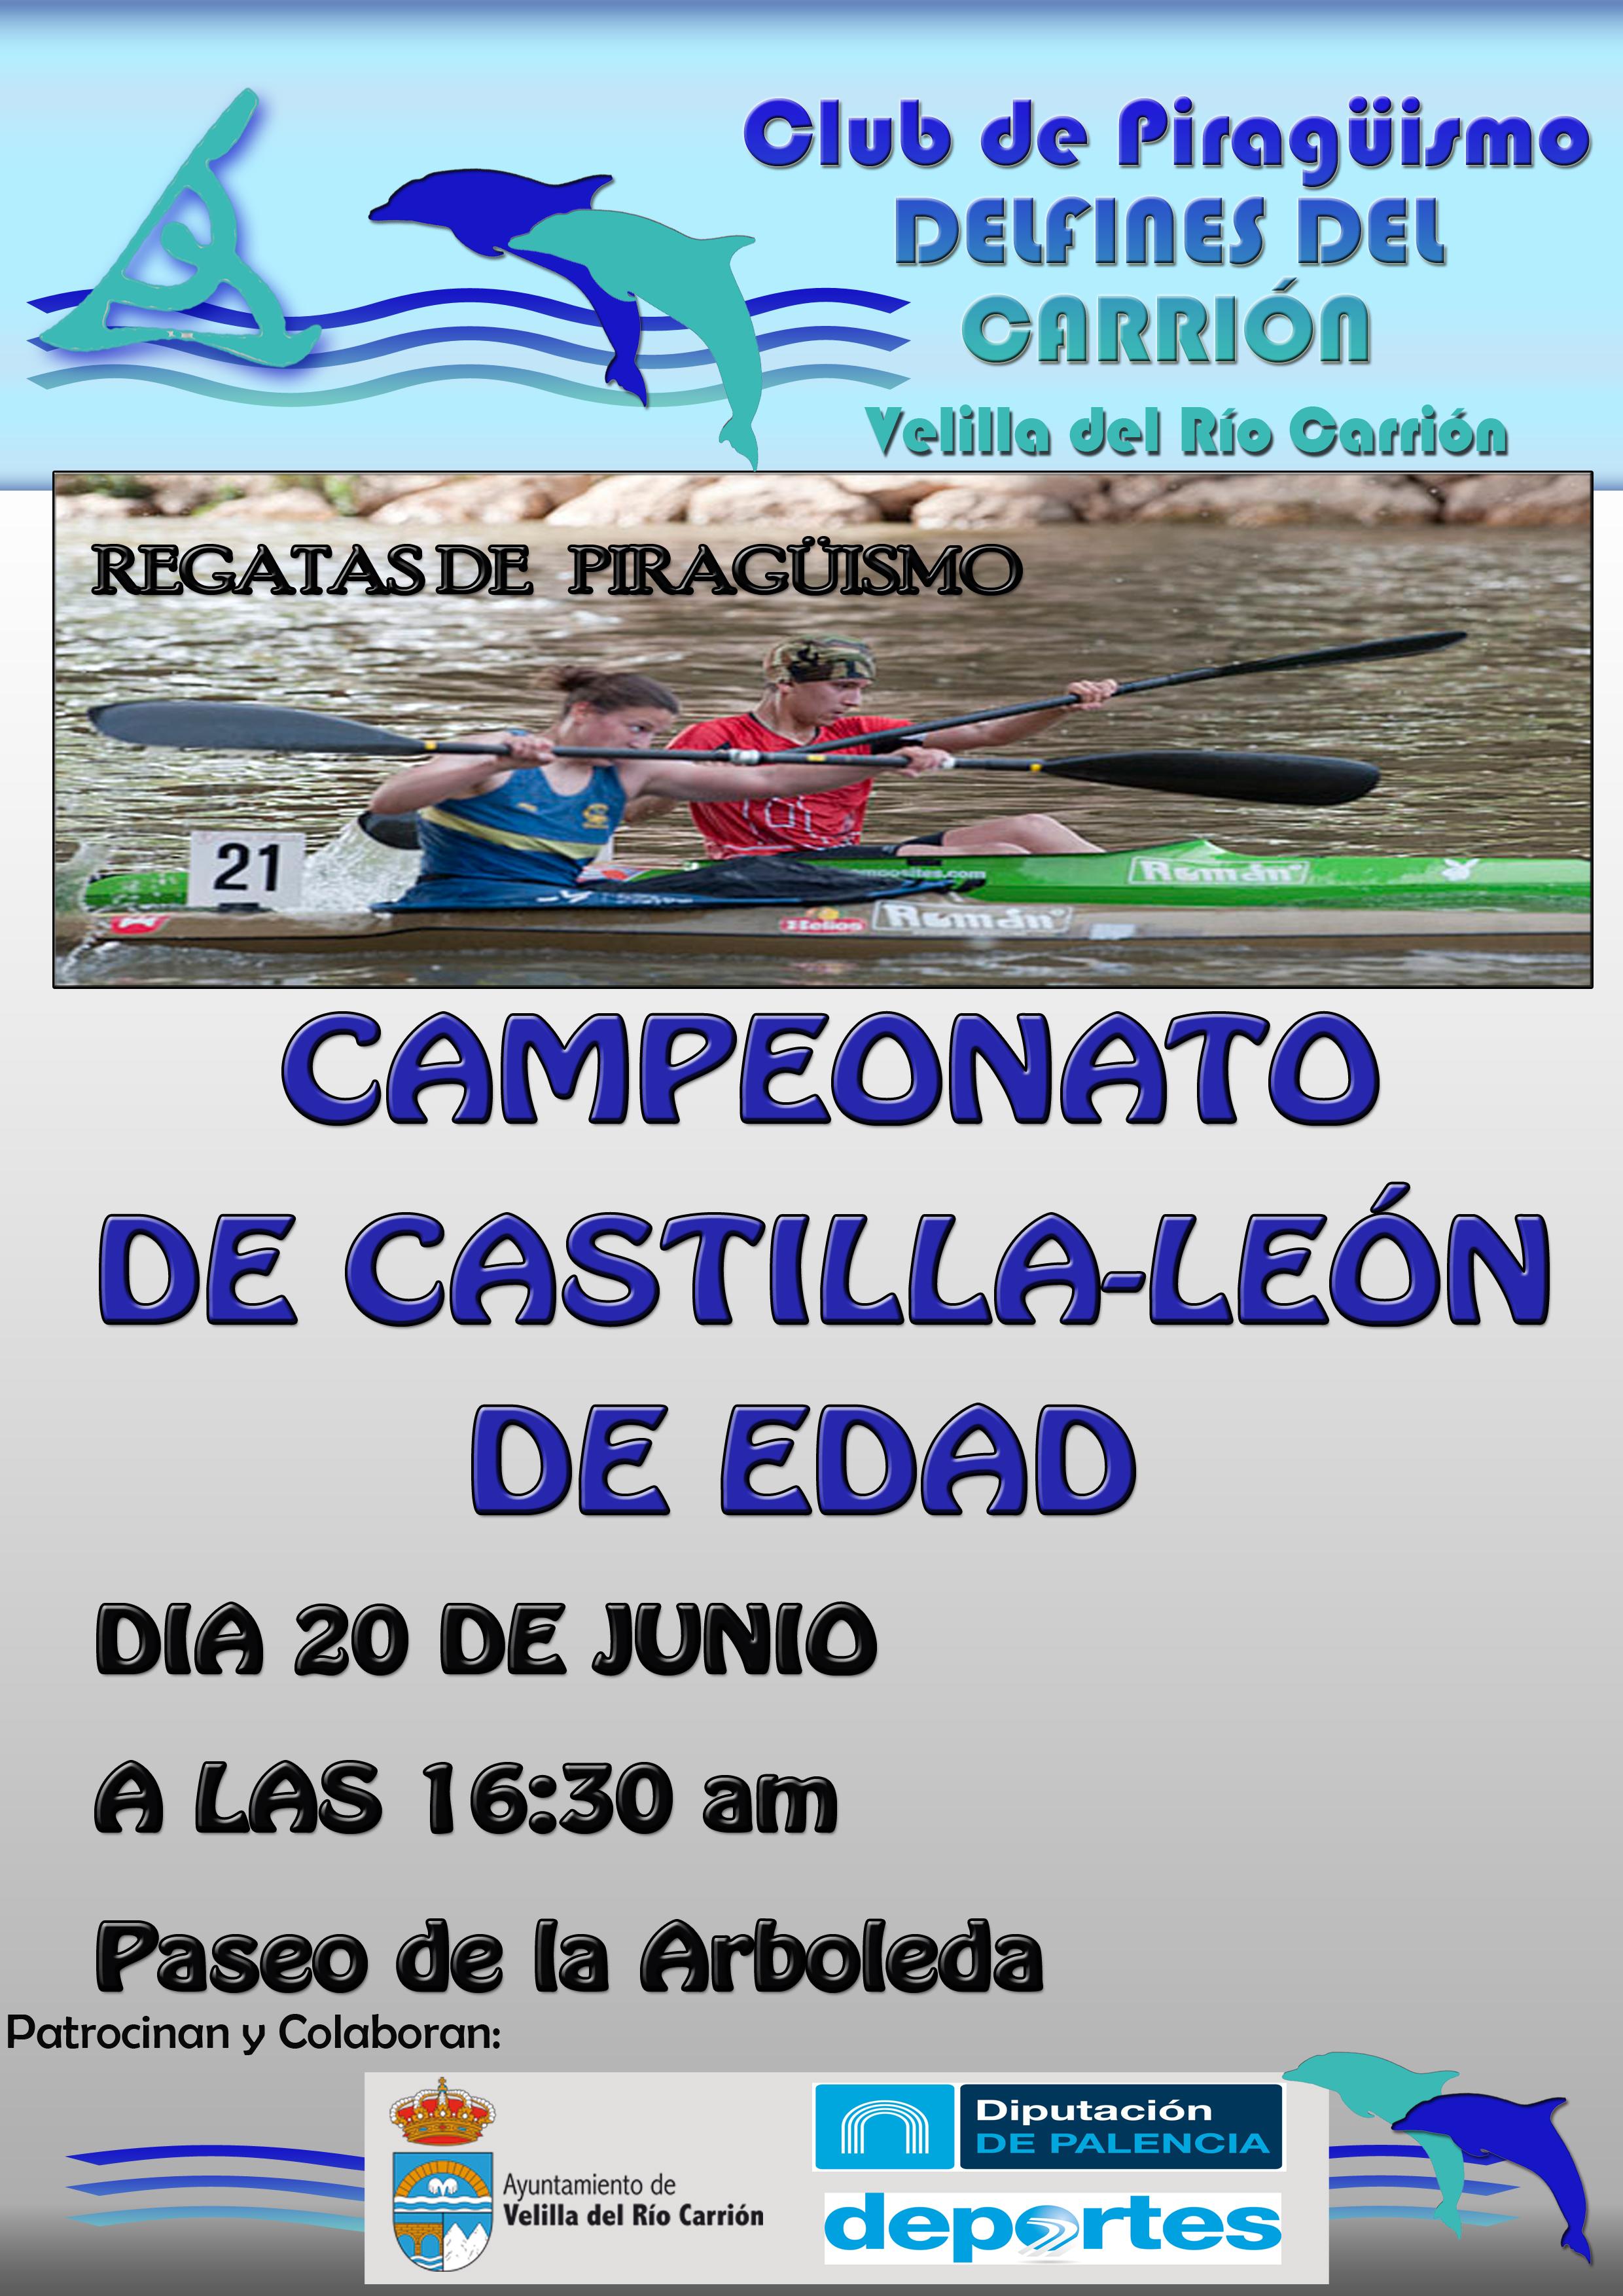 CAMPEONATO PIRAGÜISMO C.Y.L. DE EDAD